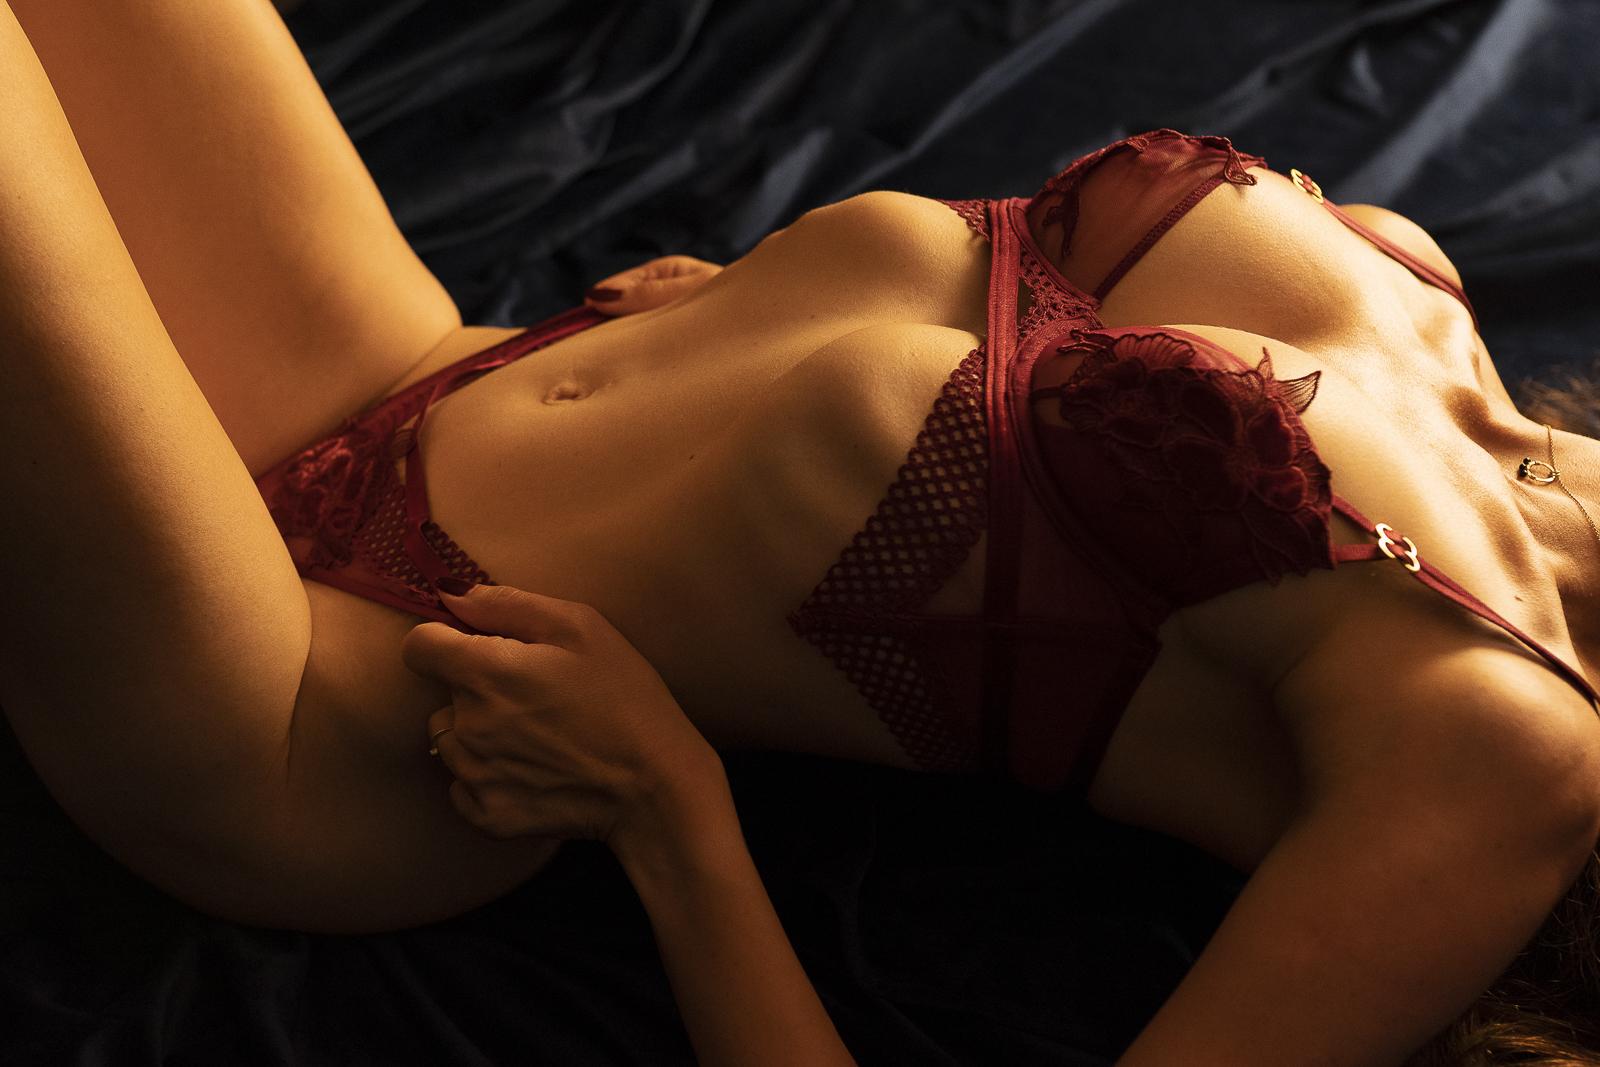 Boudoir lingerie close-up